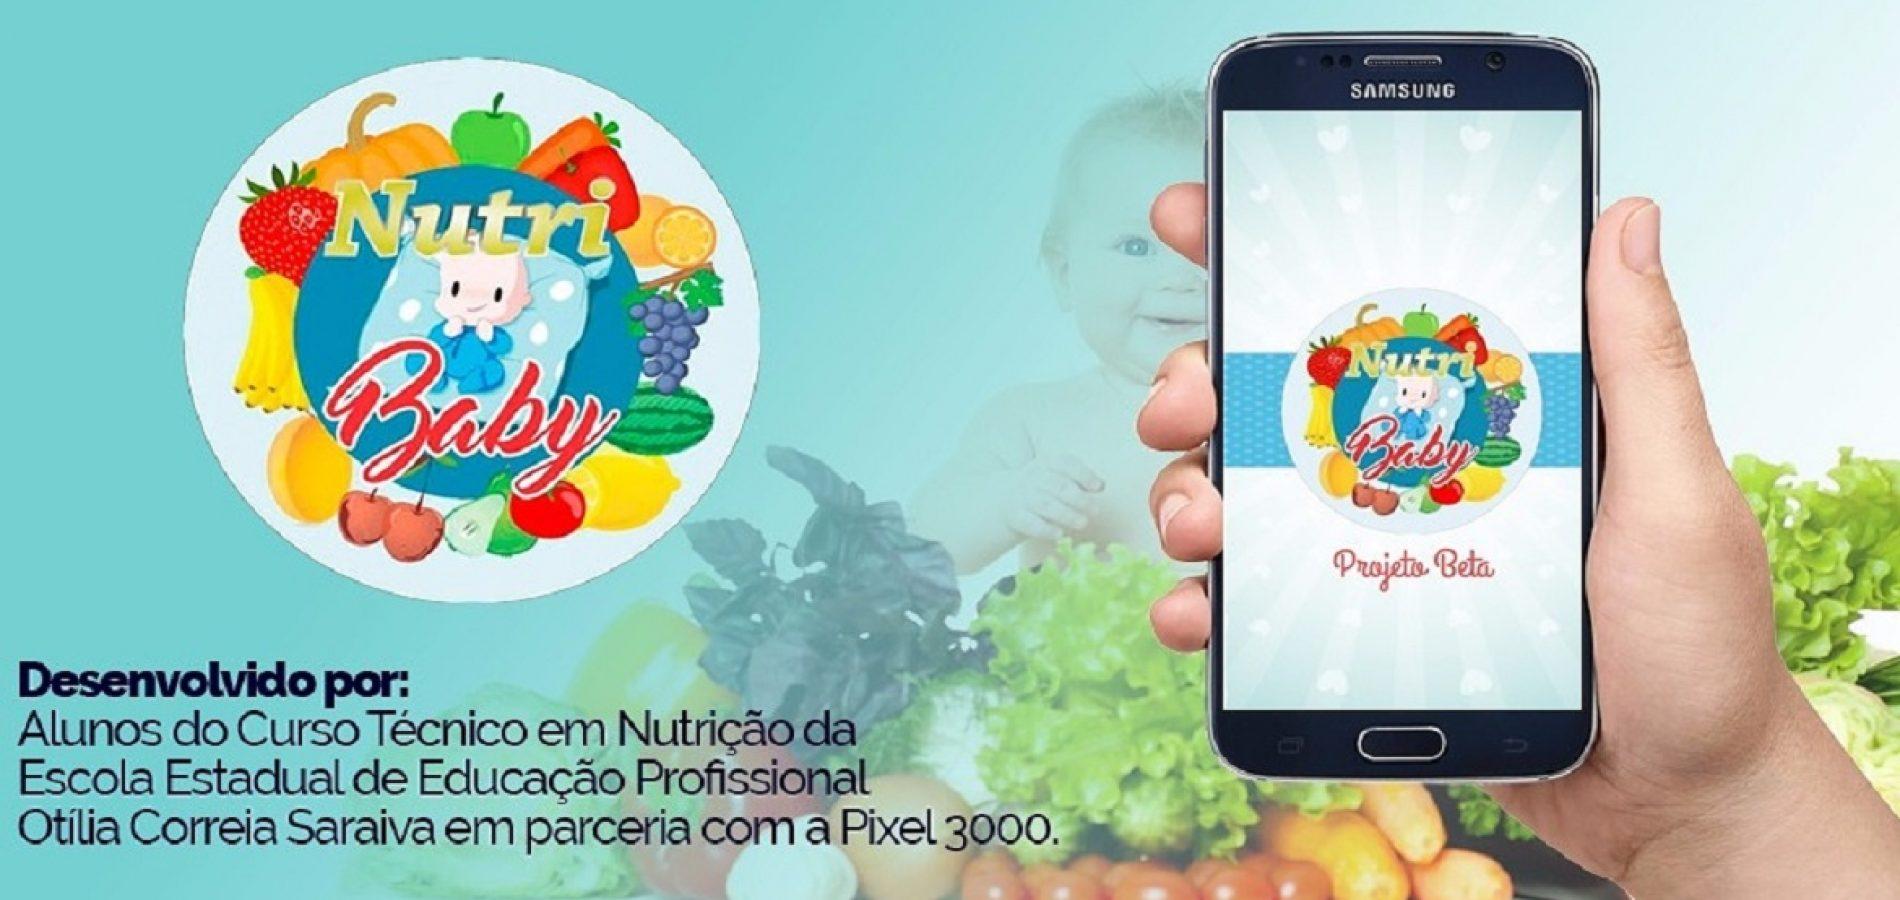 Aplicativo 'NutriBaby' desenvolvido por nutricionista natural de Vila Nova do PI é destaque nacional e internacional